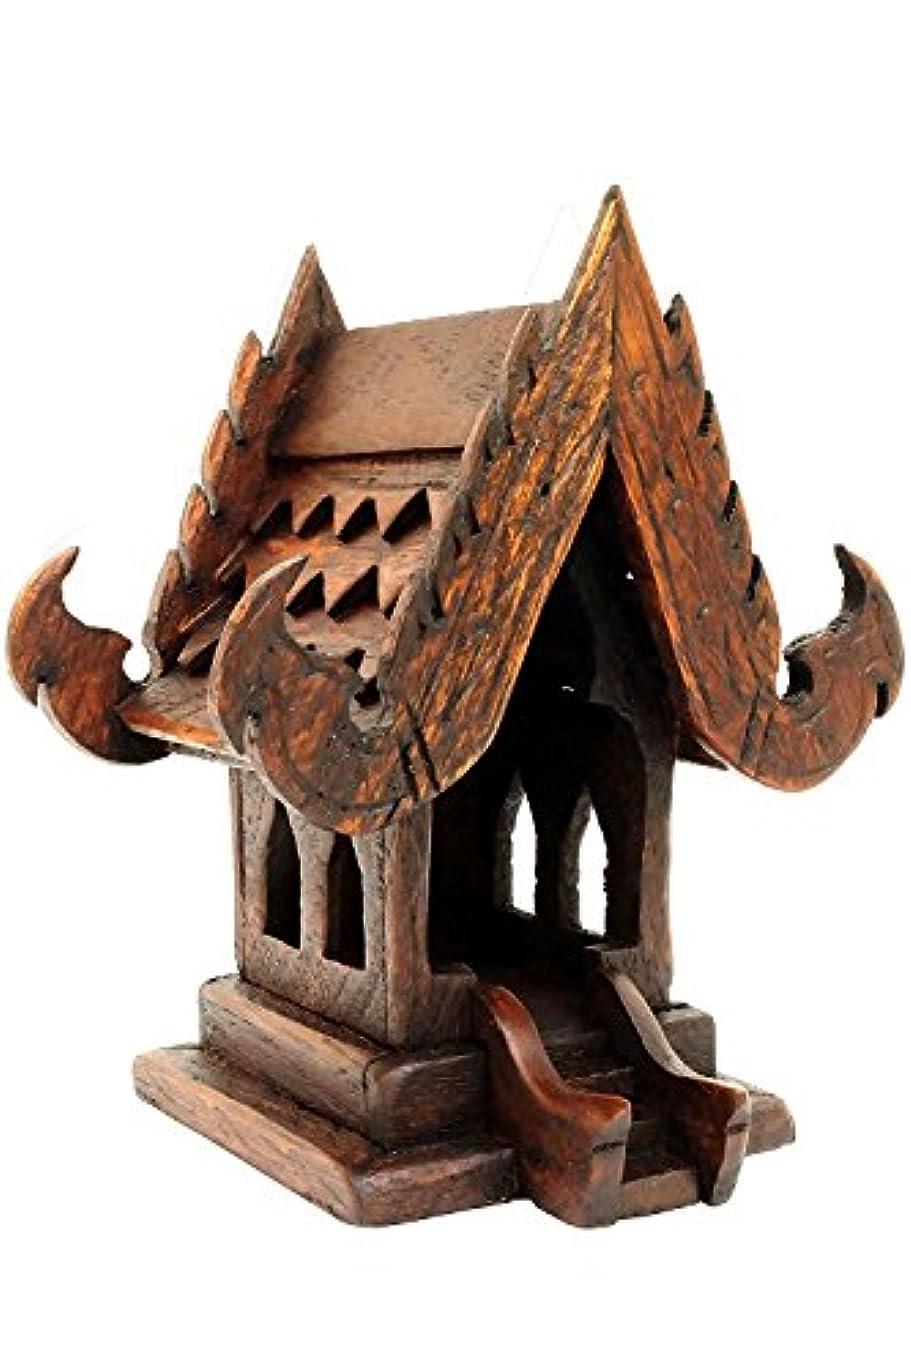 地質学工場シールタイ仏教ハンドメイドチーク材木製Spirit家。(家、w4